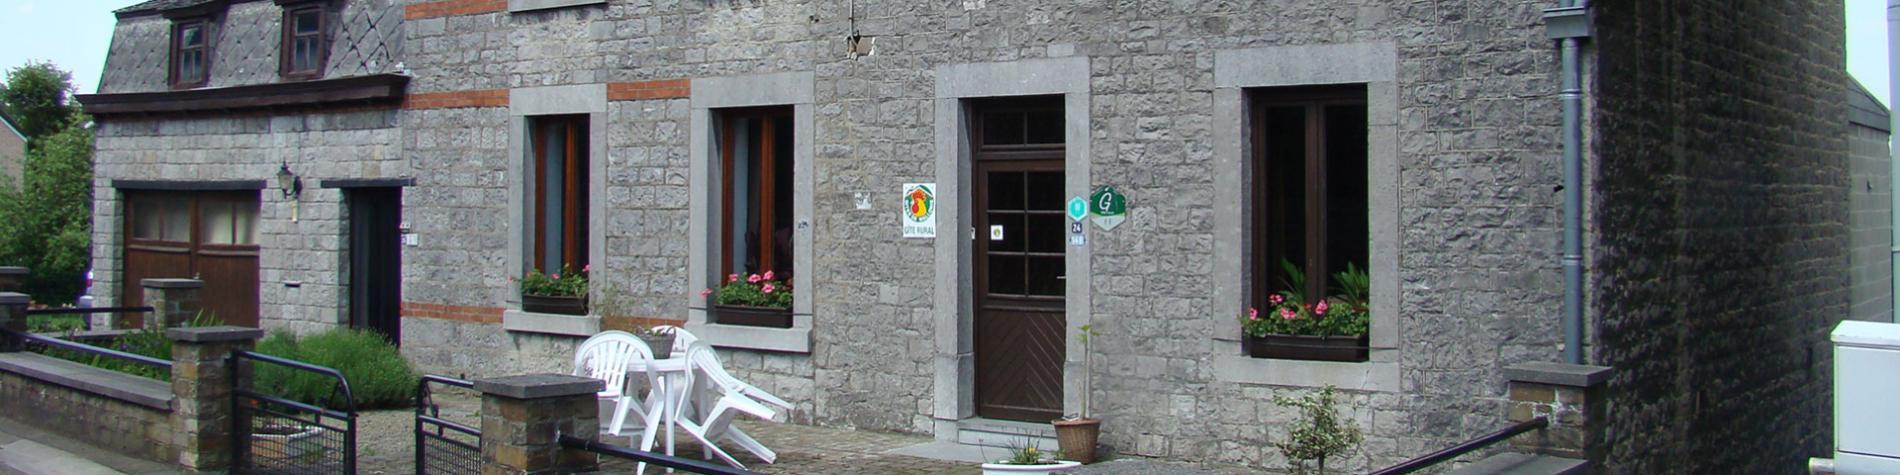 Bac - Gîte rural - Comblain-au-Pont - façade